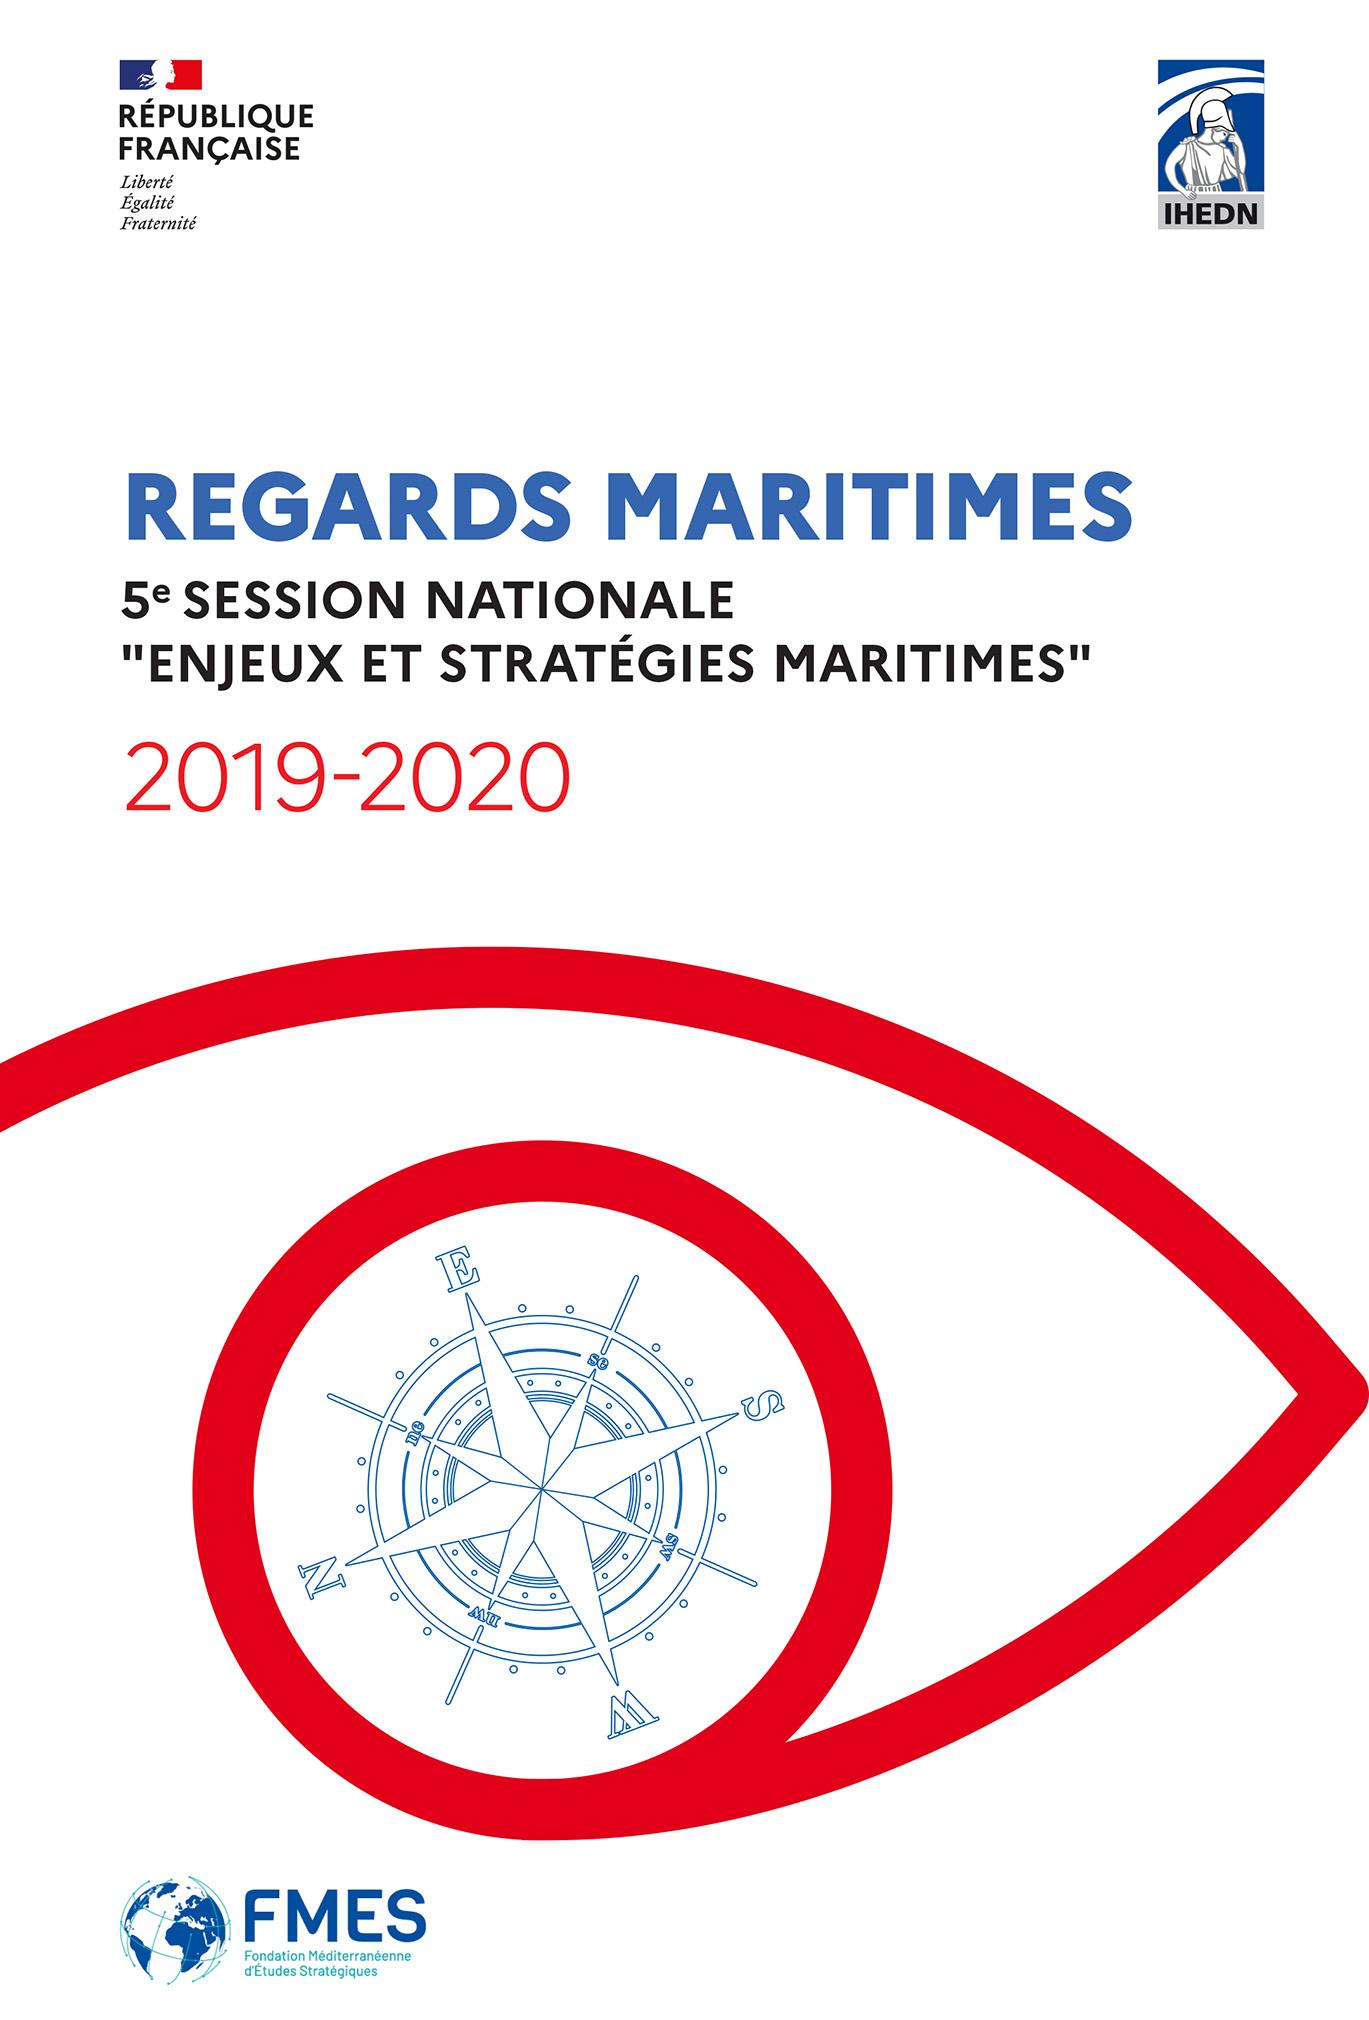 """REGARDS MARITIMES - 5e SESSION NATIONALE - """"ENJEUX ET STRATÉGIE"""